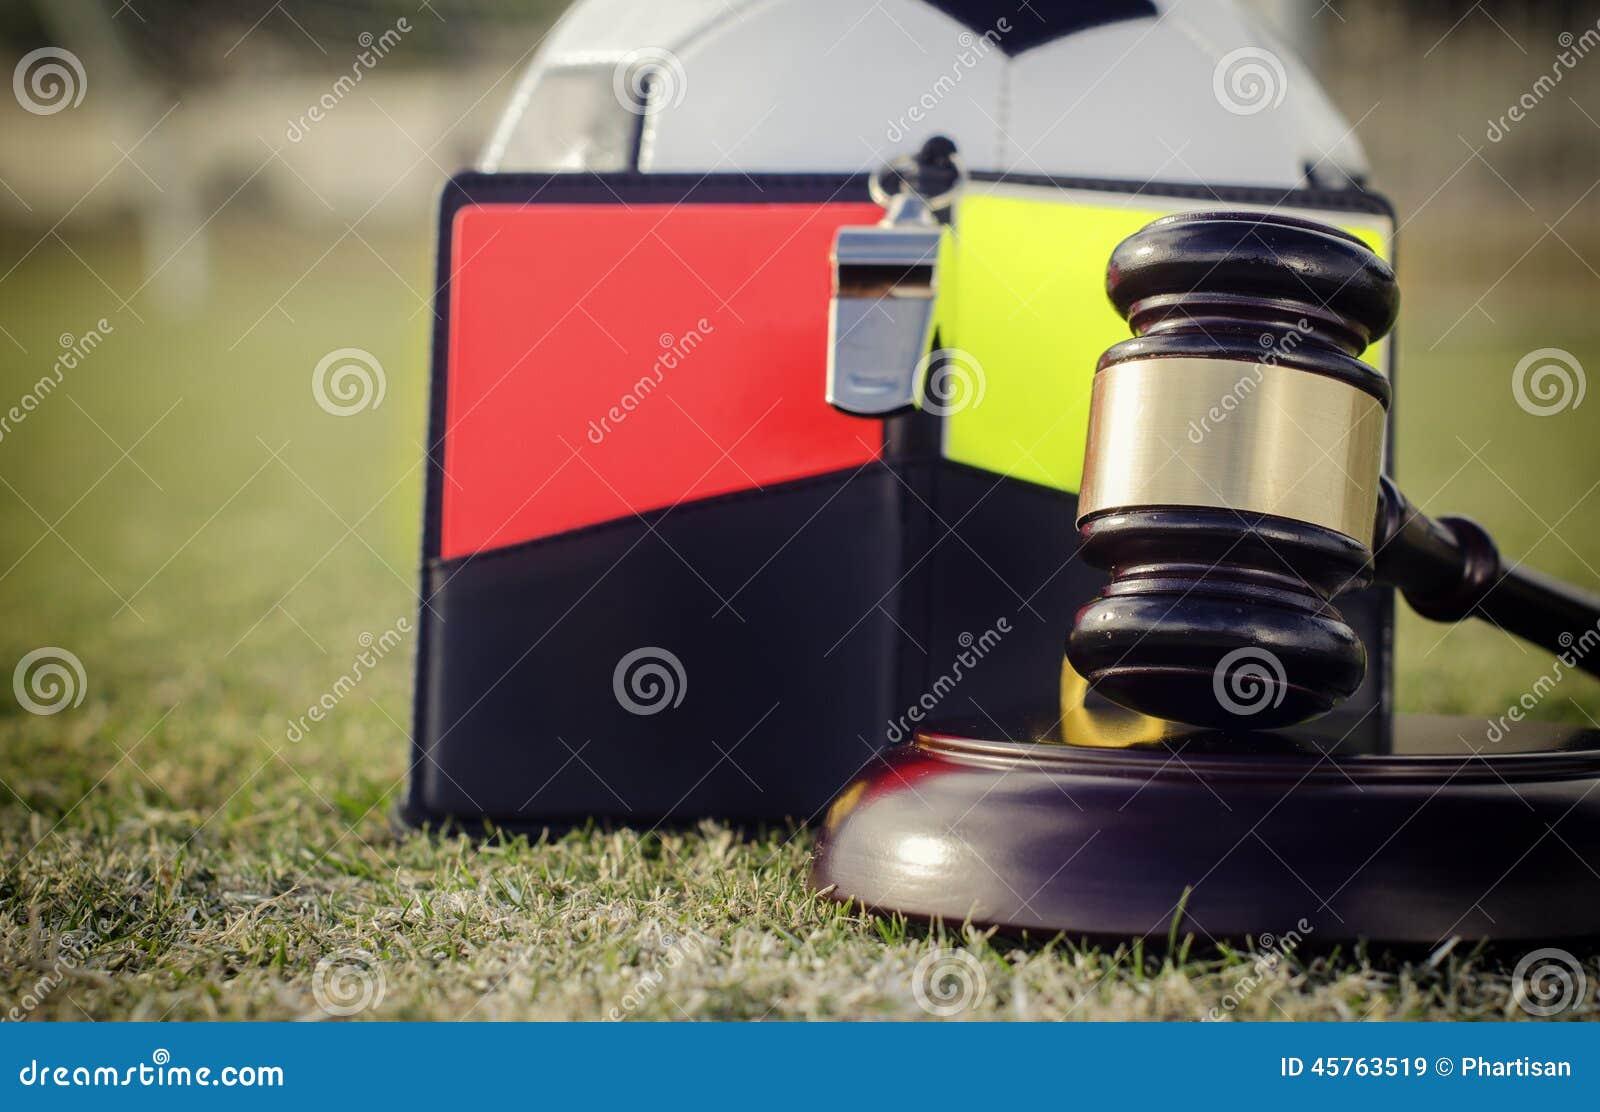 O futebol do futebol ordena a imagem do conceito dos regulamentos